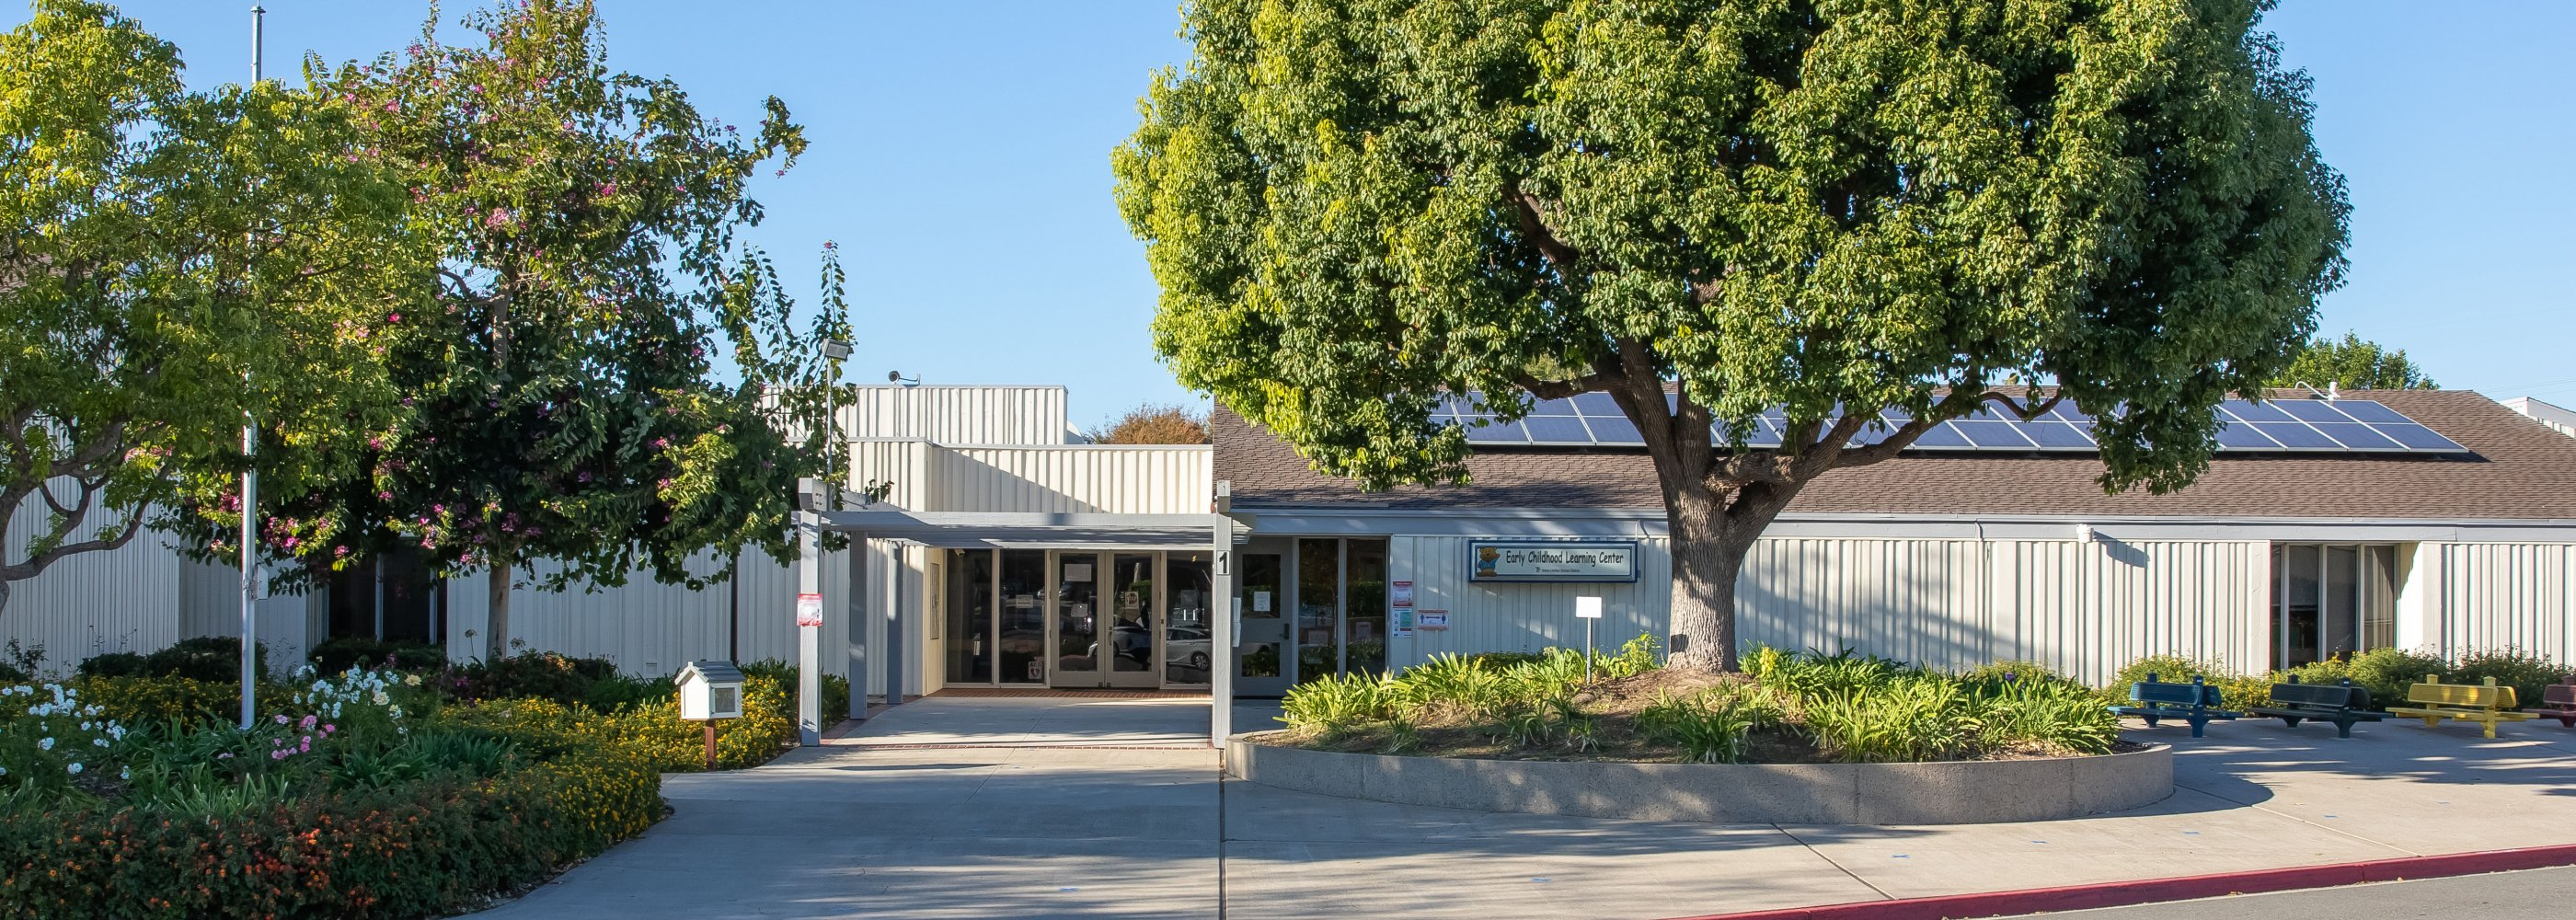 ECLC School Entrance